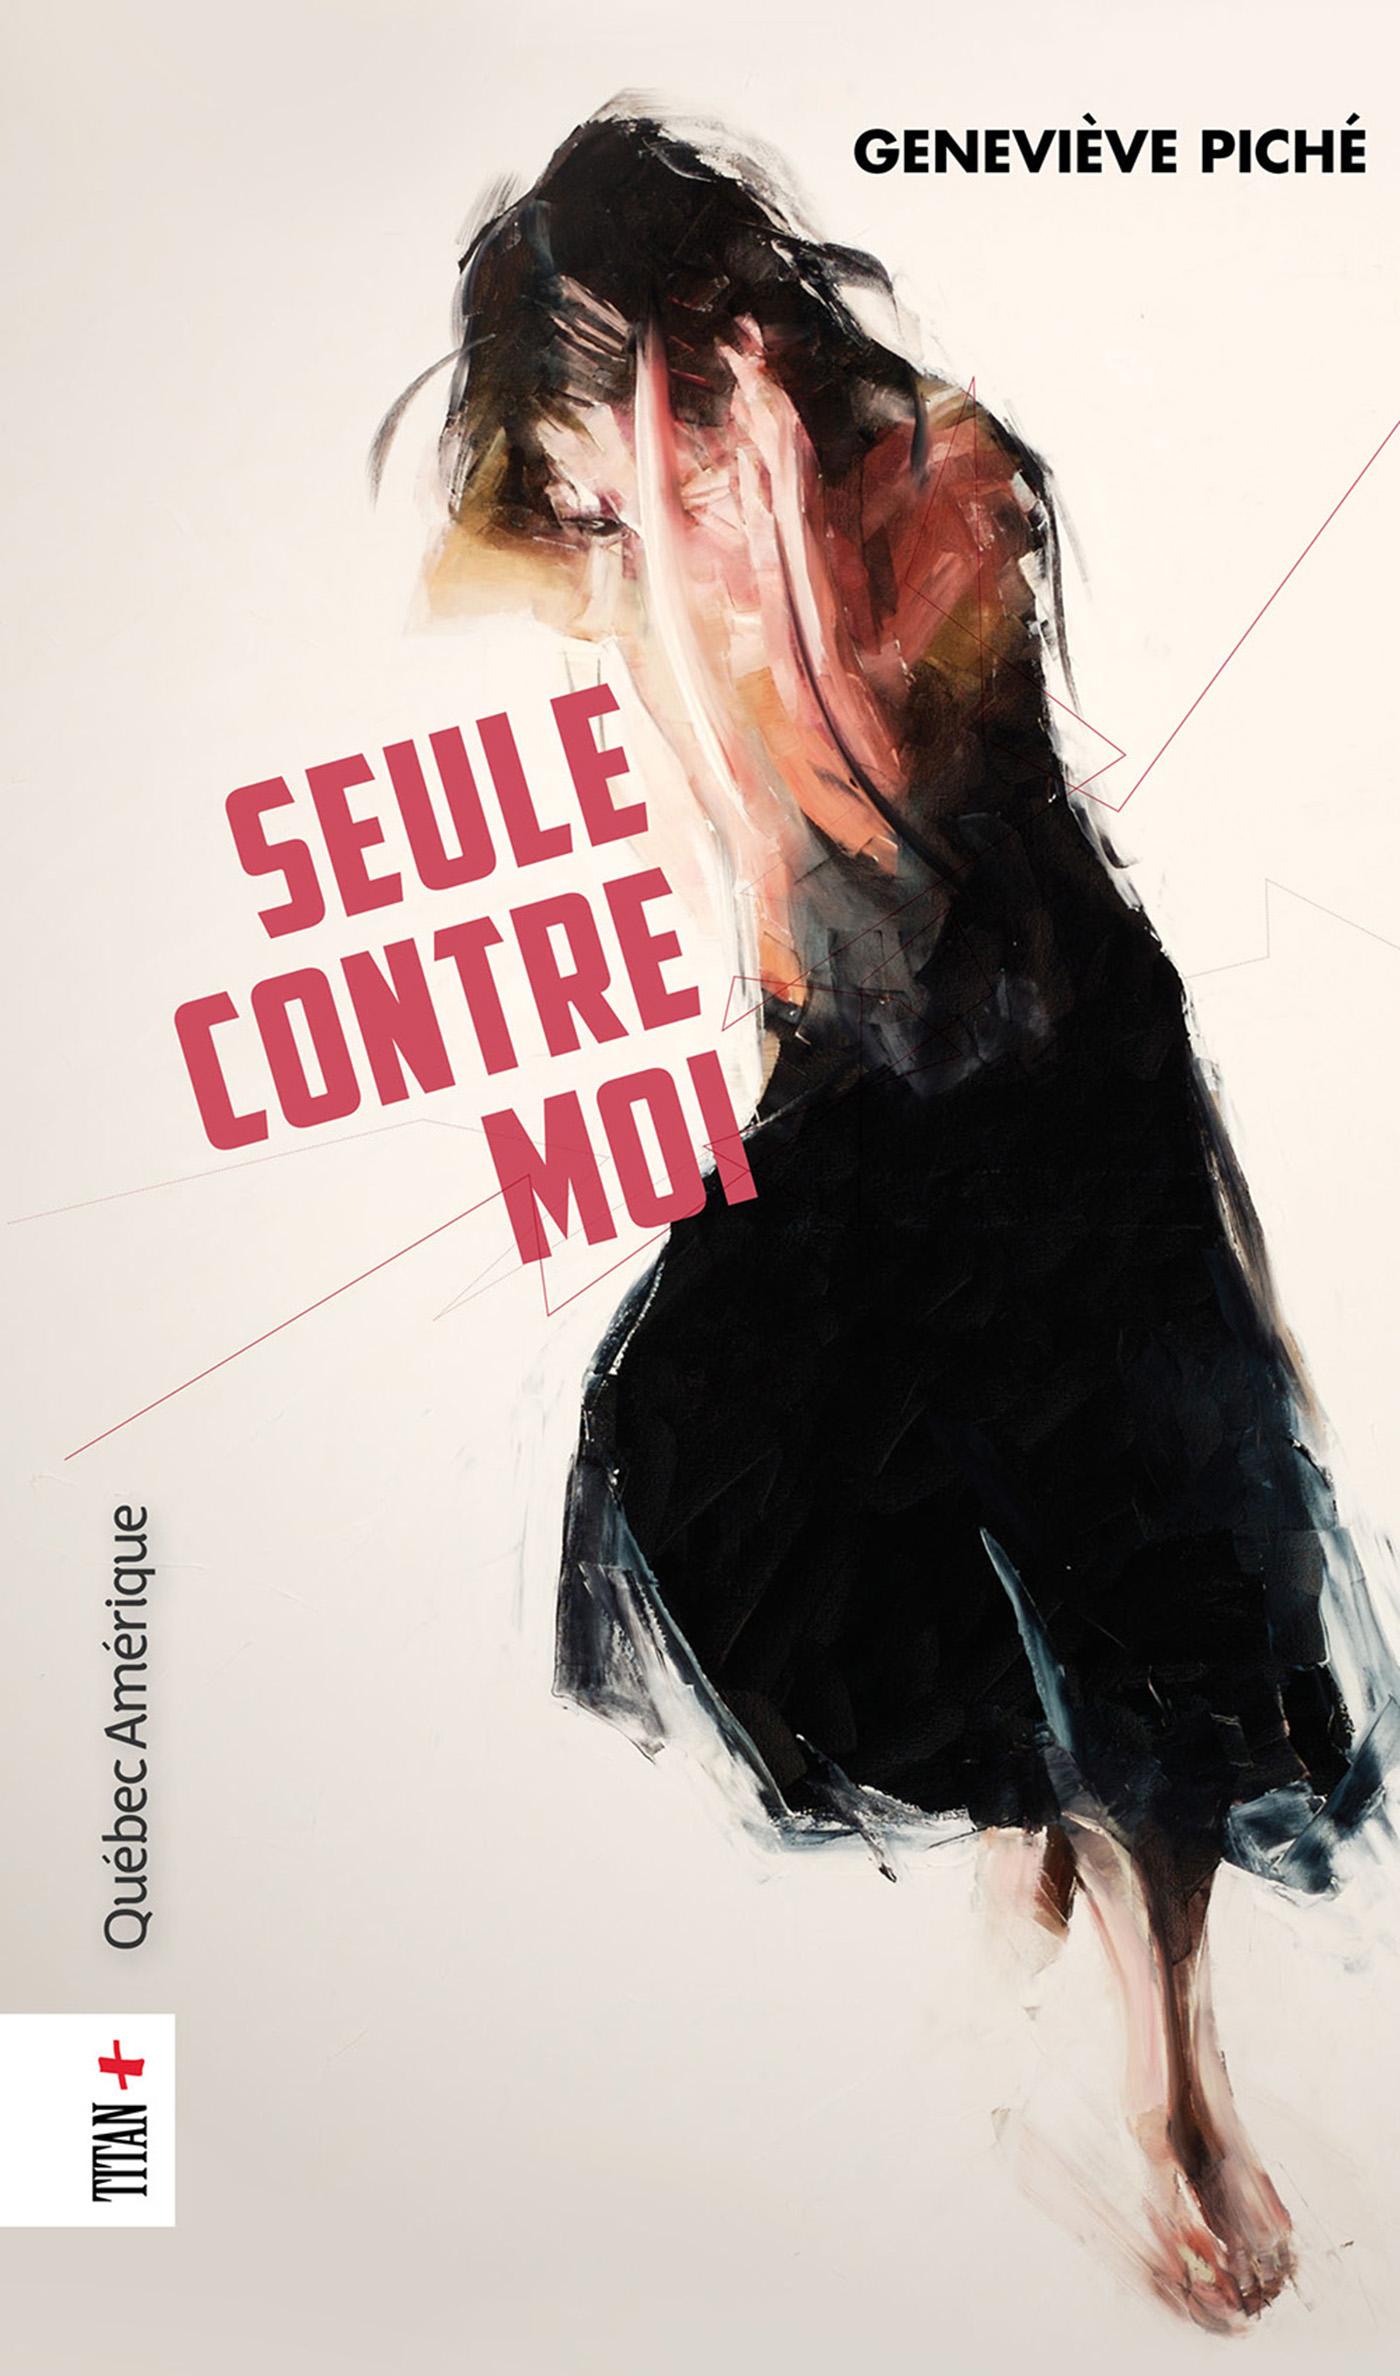 Couverture : Seule contre moi Geneviève Piché